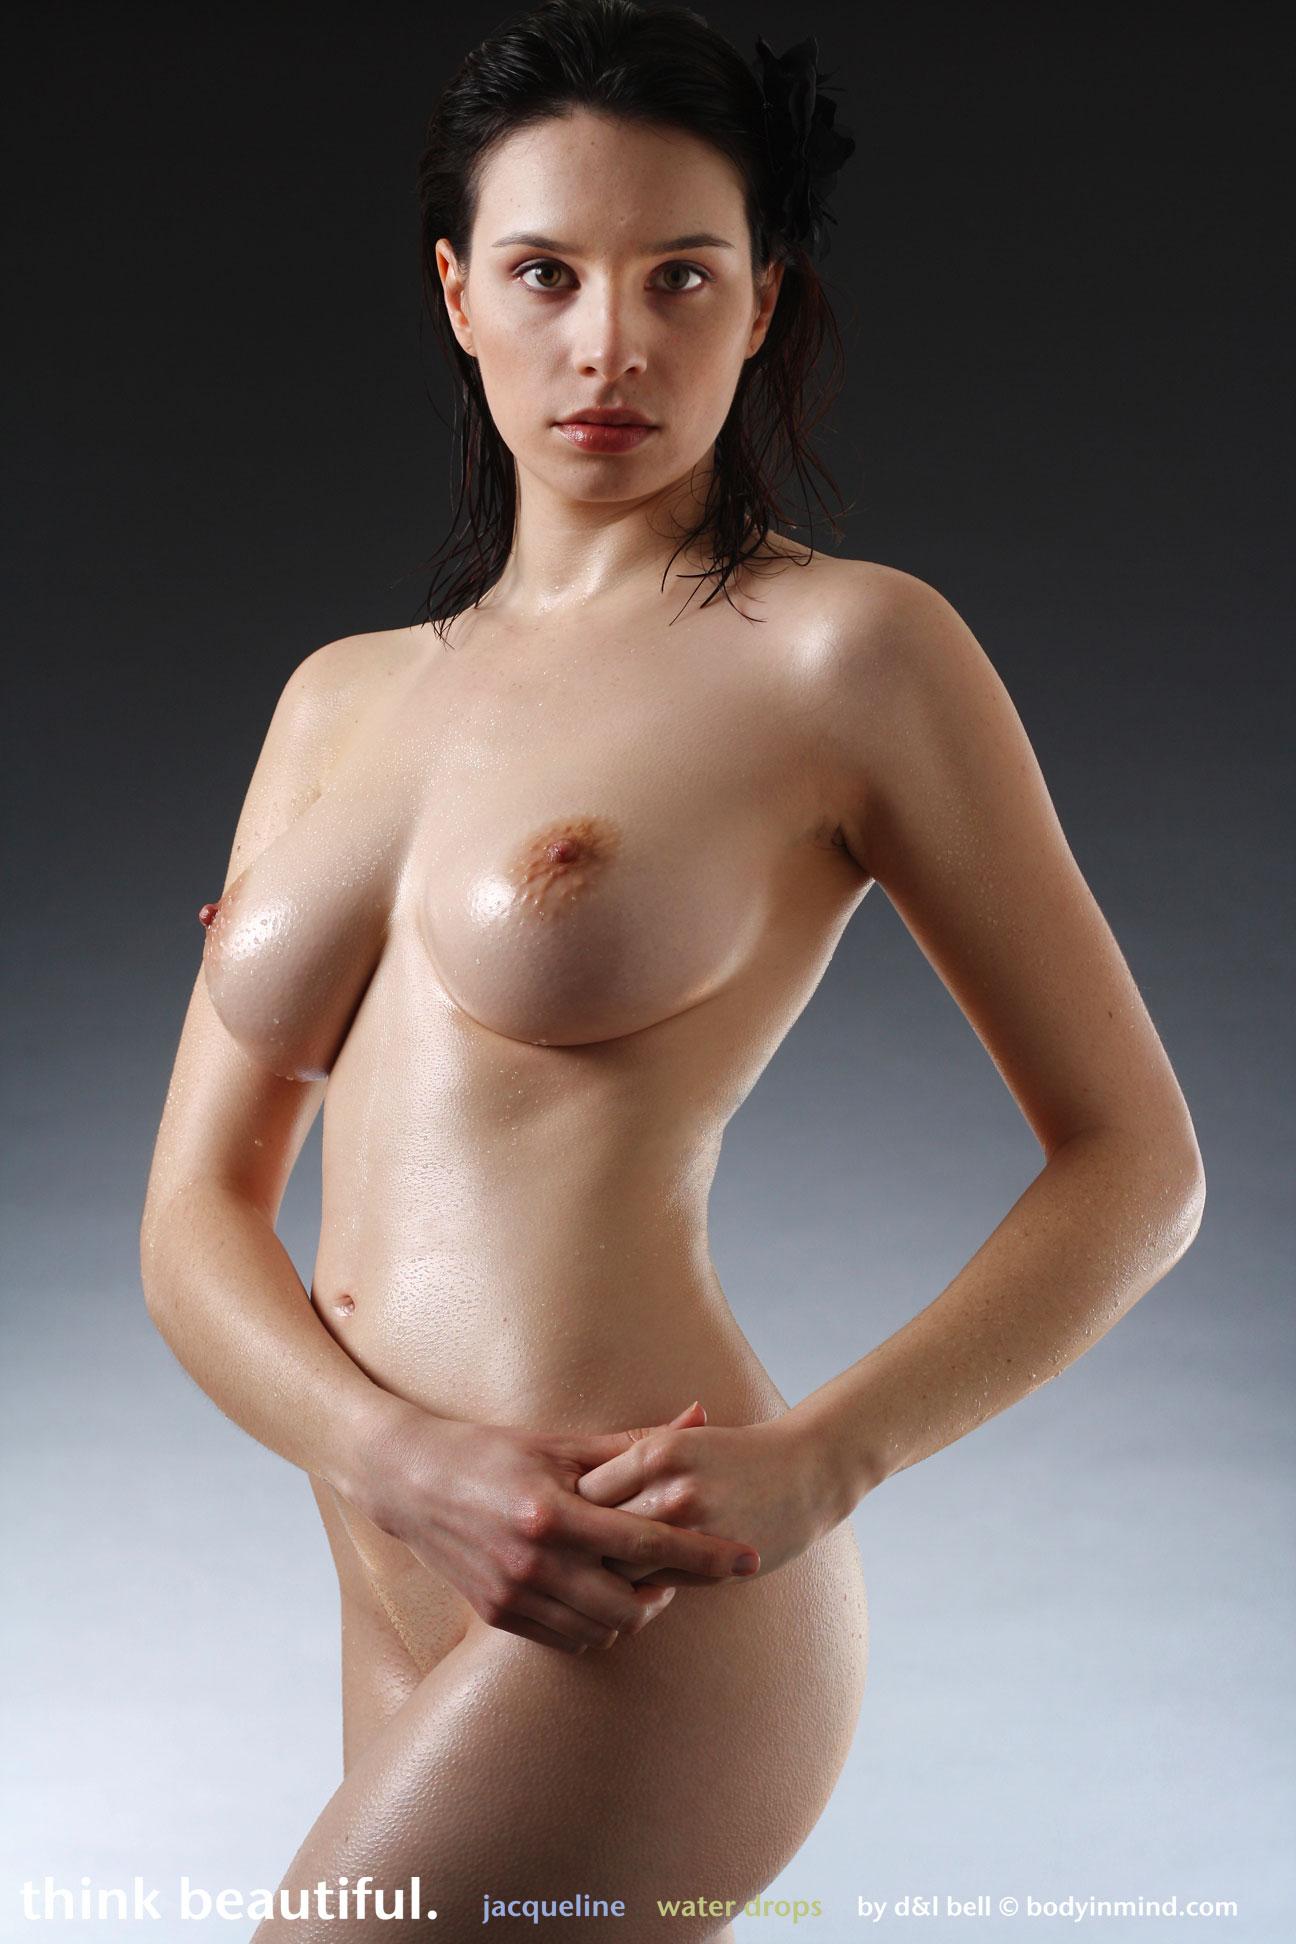 Jacqueline Suicide Full Nude